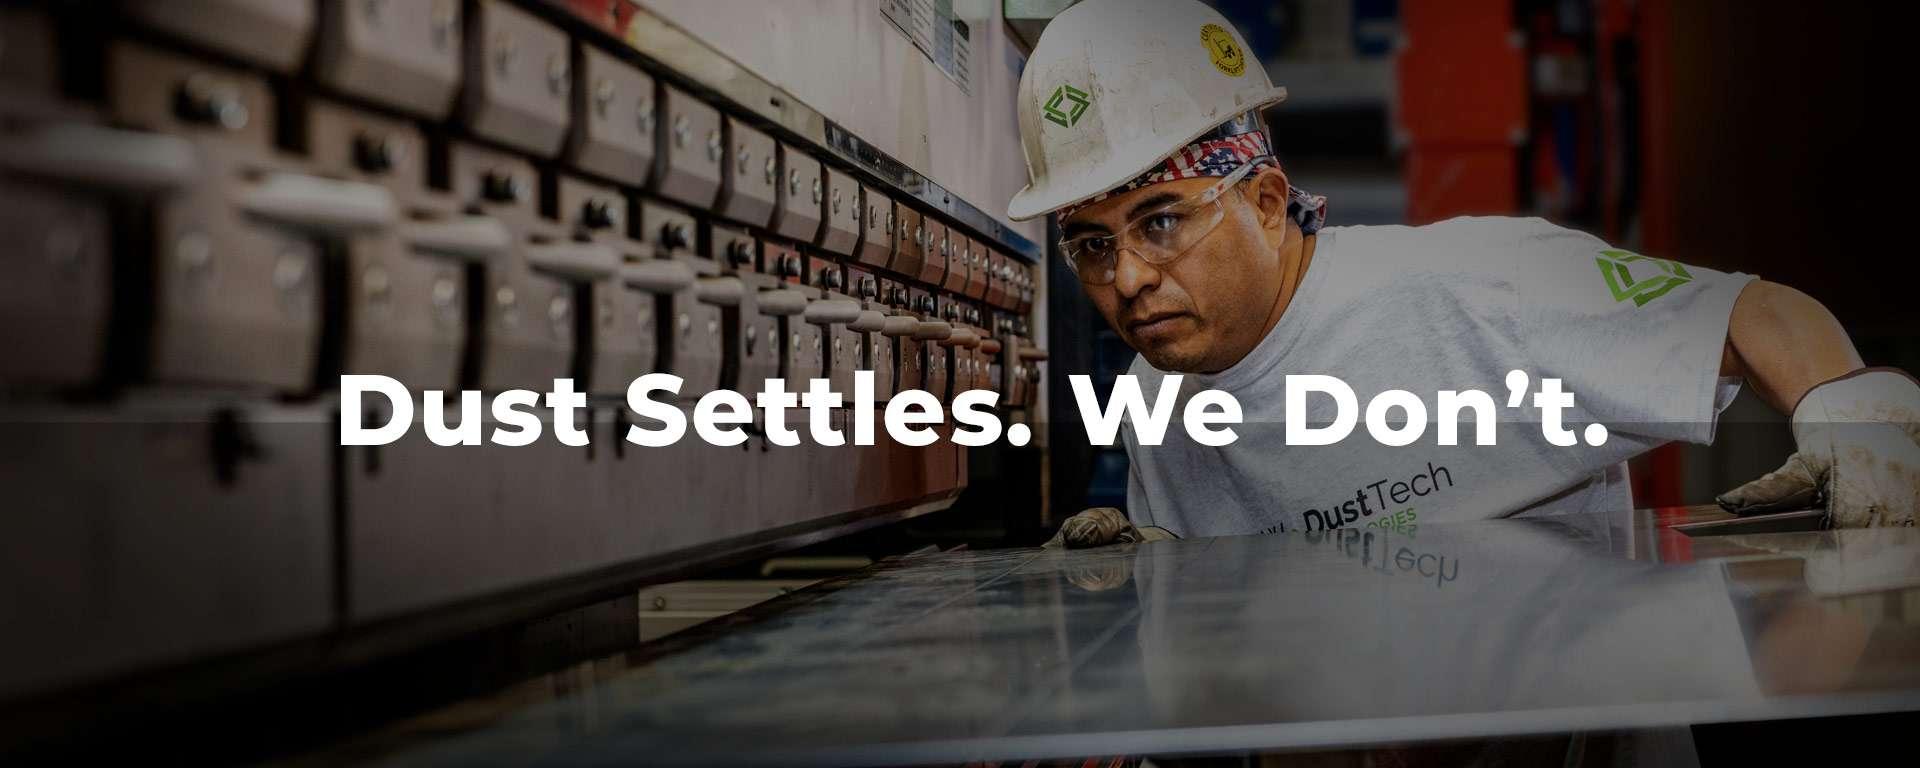 Dust Settles. We Don't.